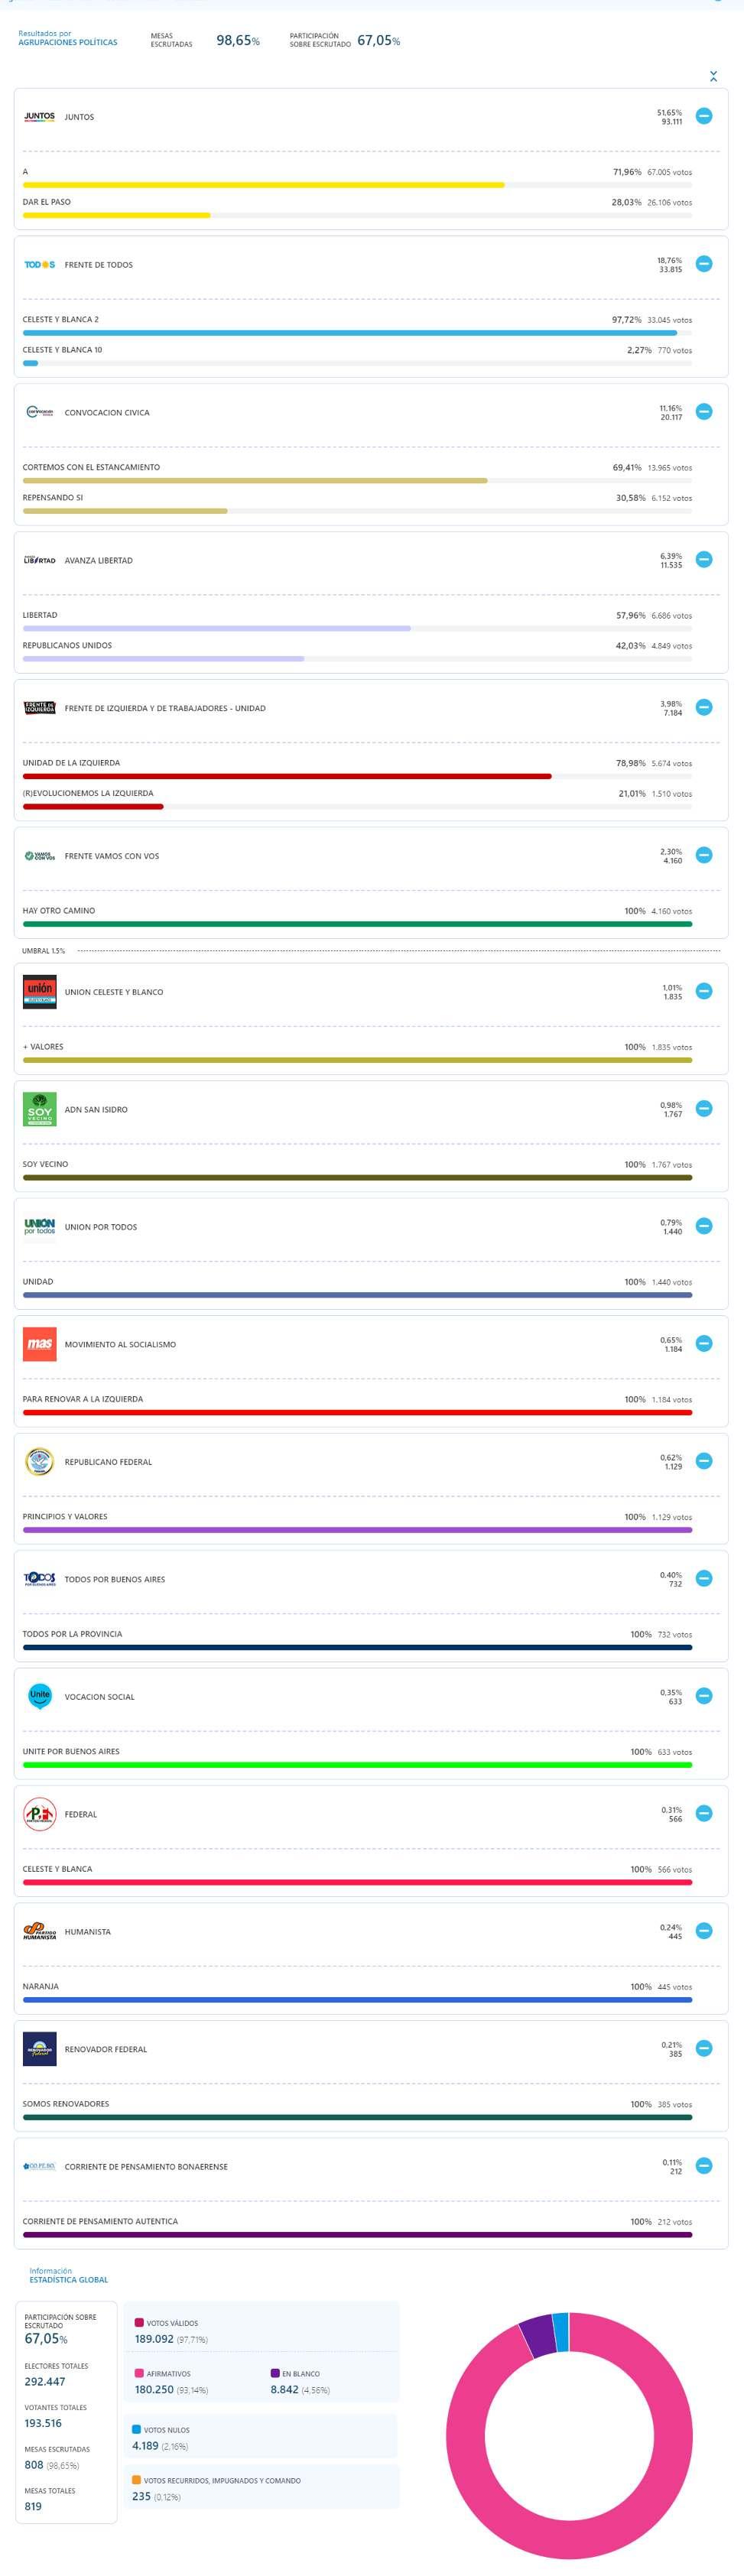 Datos Oficiales Paso 2021 San Isidro